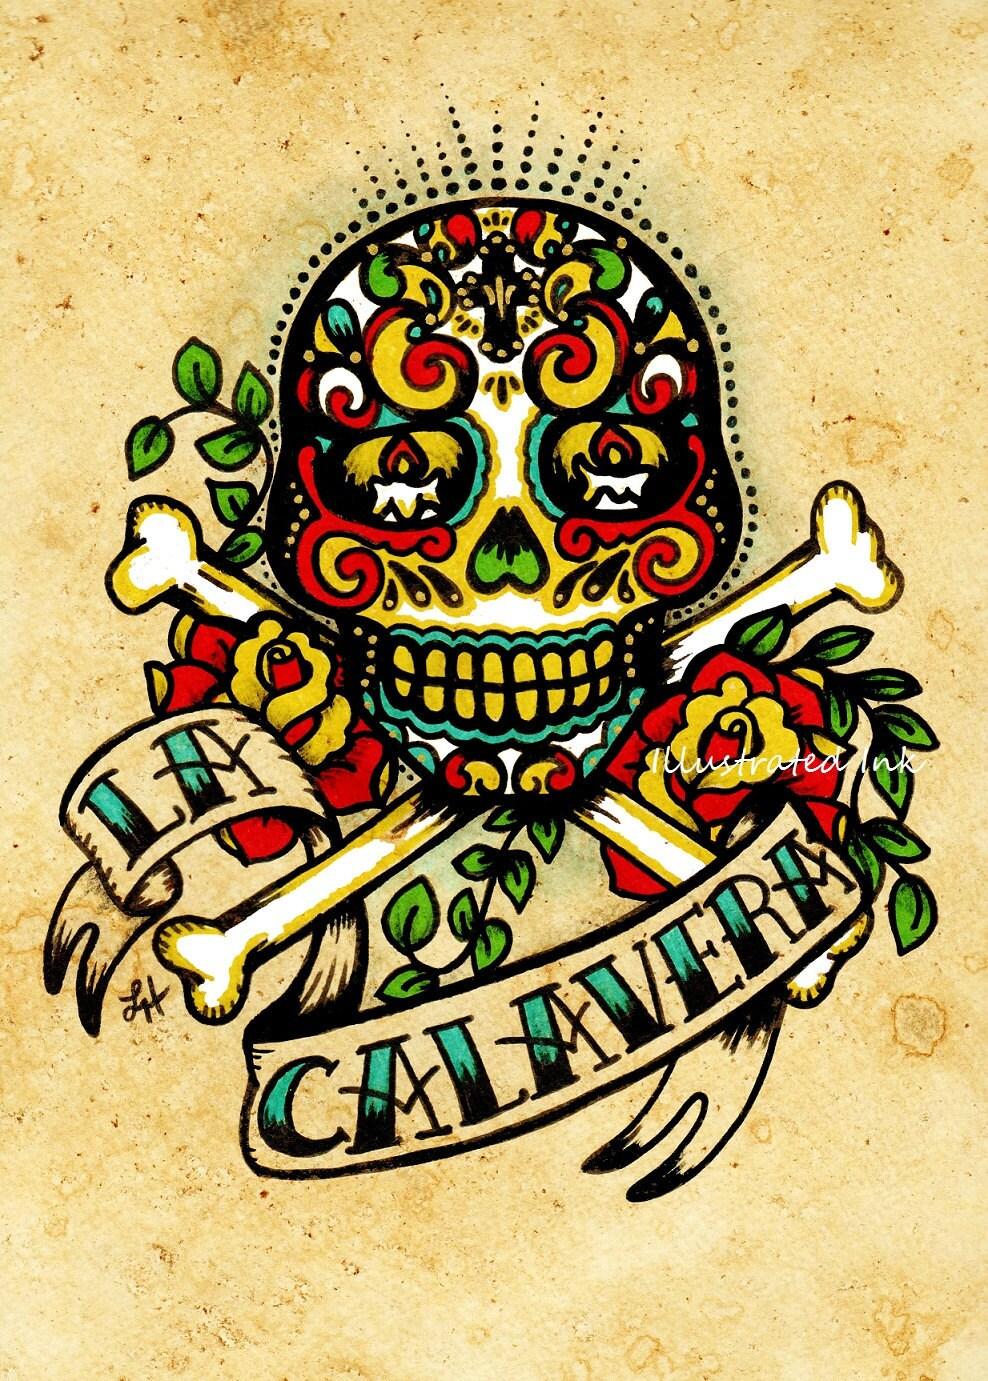 Day of the Dead Sugar Skull Tattoo Art LA CALAVERA Loteria